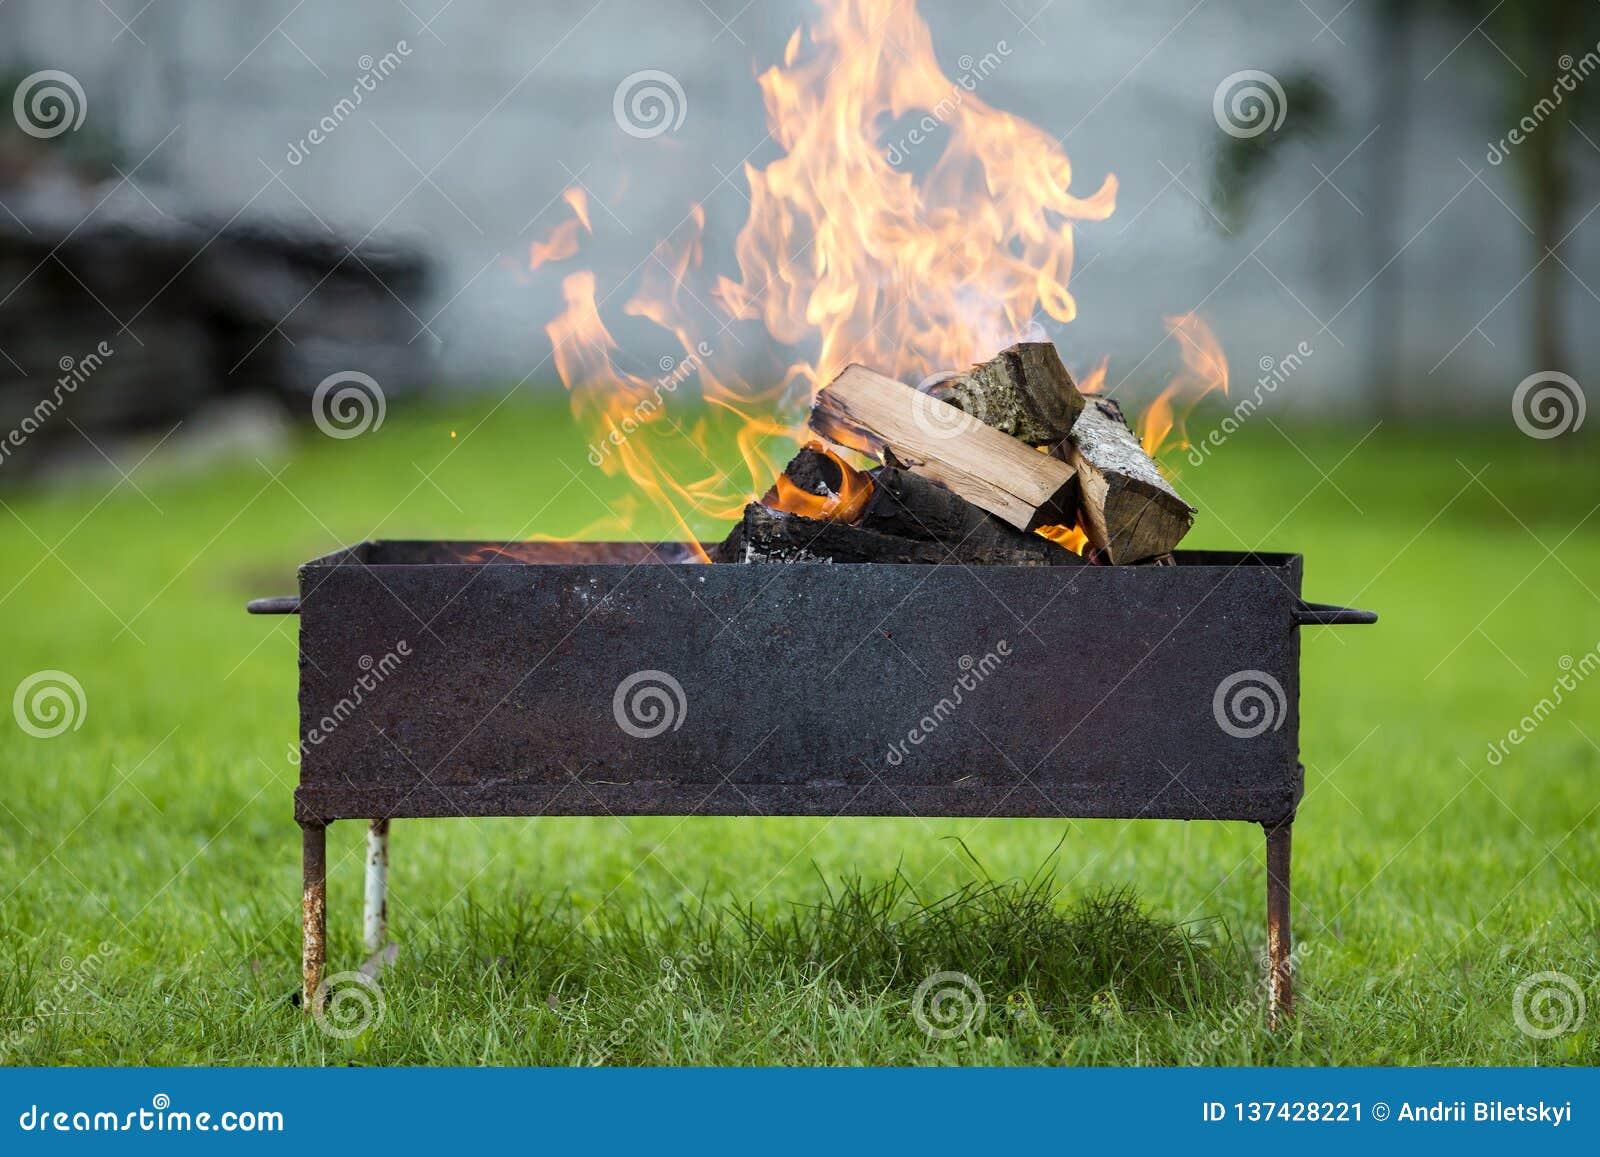 Ljust bränna i metallaskvedträt för grillfest utomhus- Campa, säkerhets- och turismbegrepp